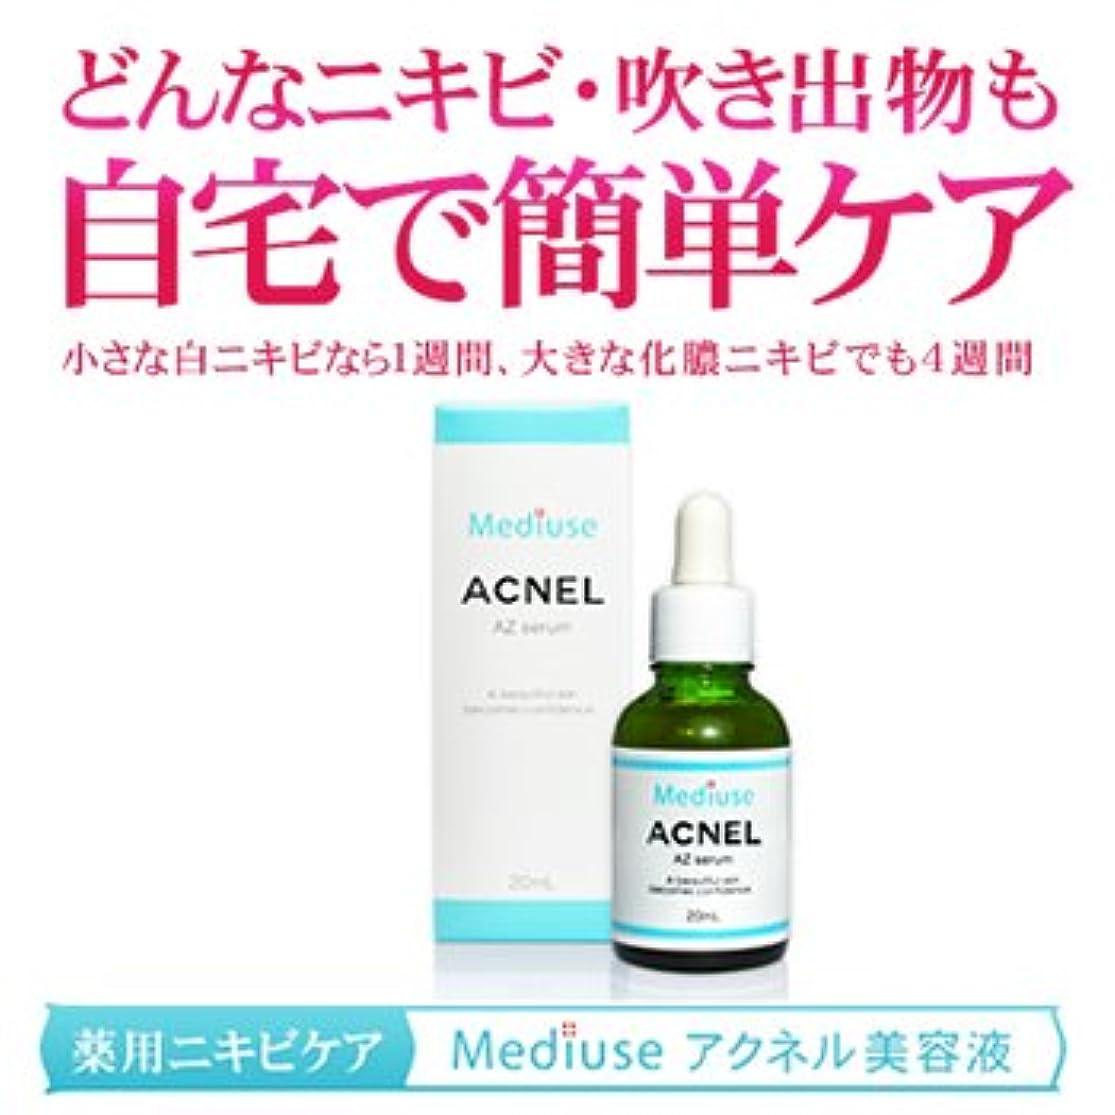 優しいアトラスガイダンスメデュース アクネル AZセラム(薬用ニキビケア美容液)医薬部外品